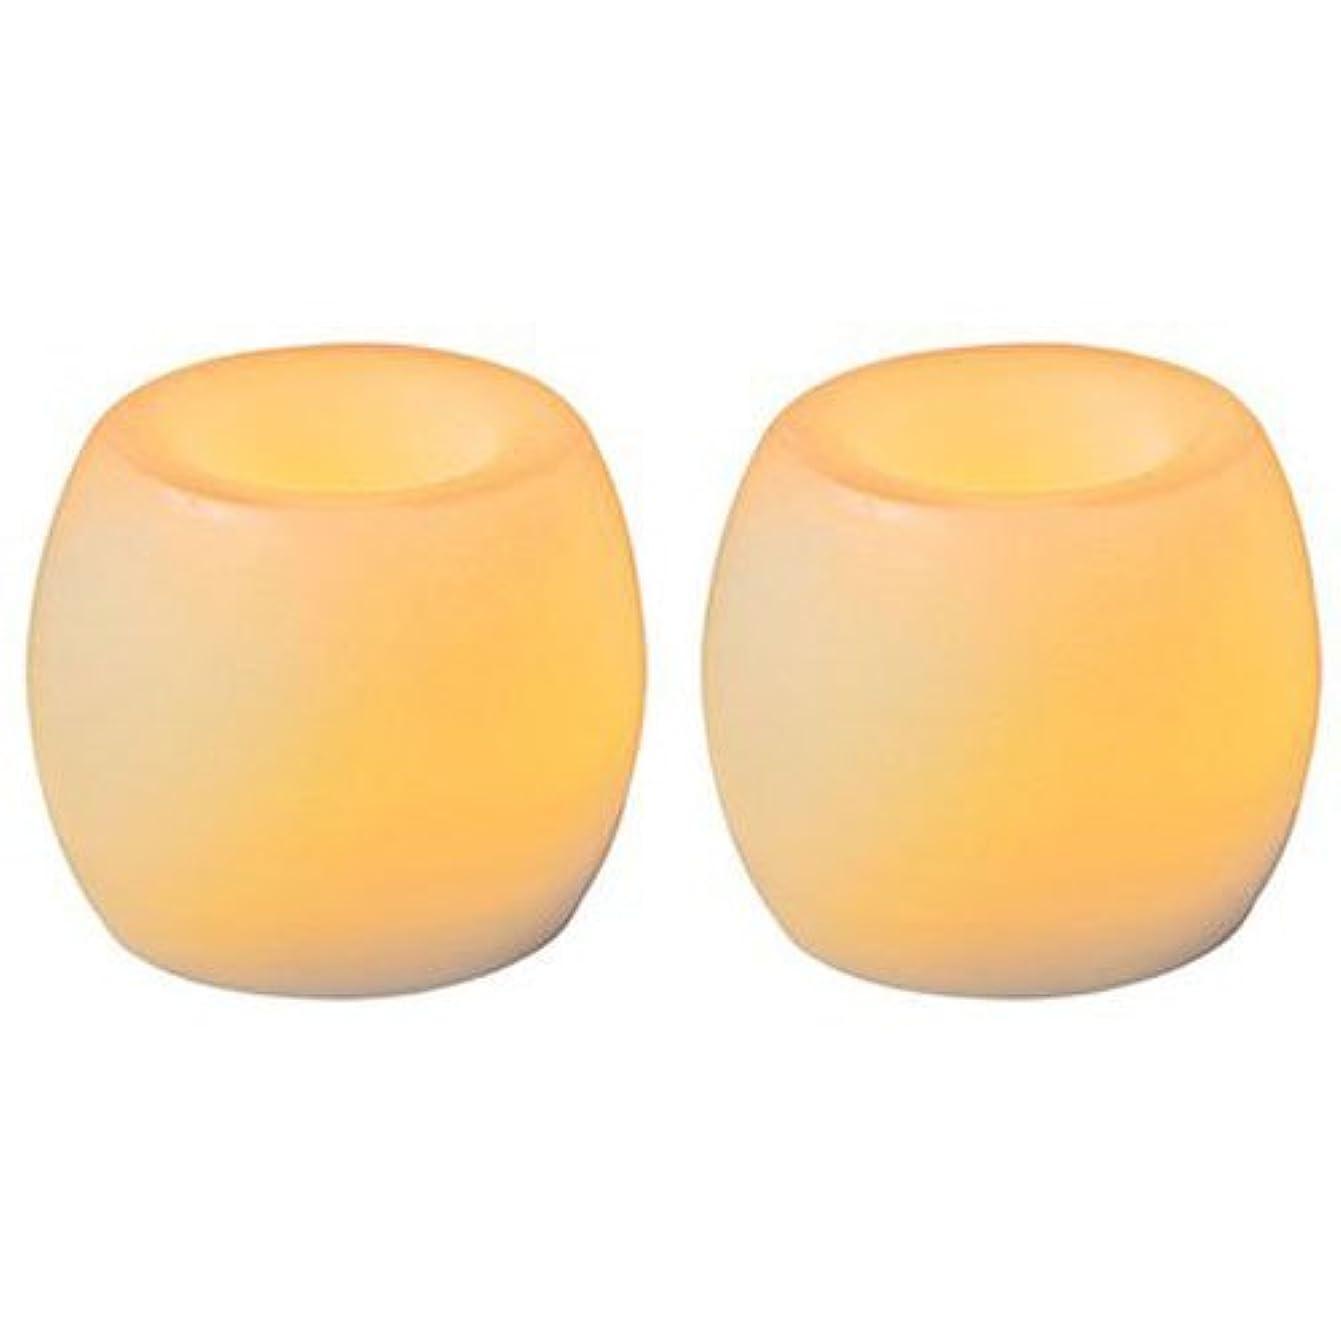 くつろぎカブ保持Inglow Flameless Mini Curved SquaresバニラScented Candle 2 - Pack 1 ベージュ CG24101CR201